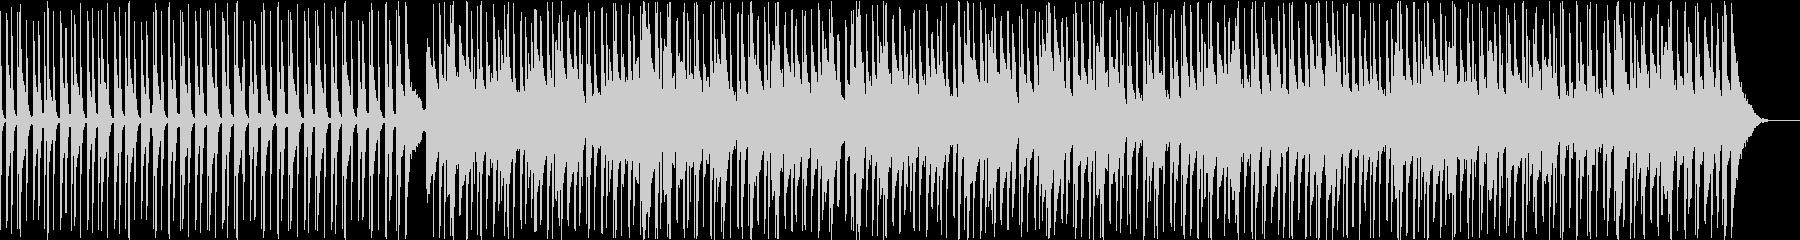 口笛のかわいい映像系の曲(メロディなし)の未再生の波形